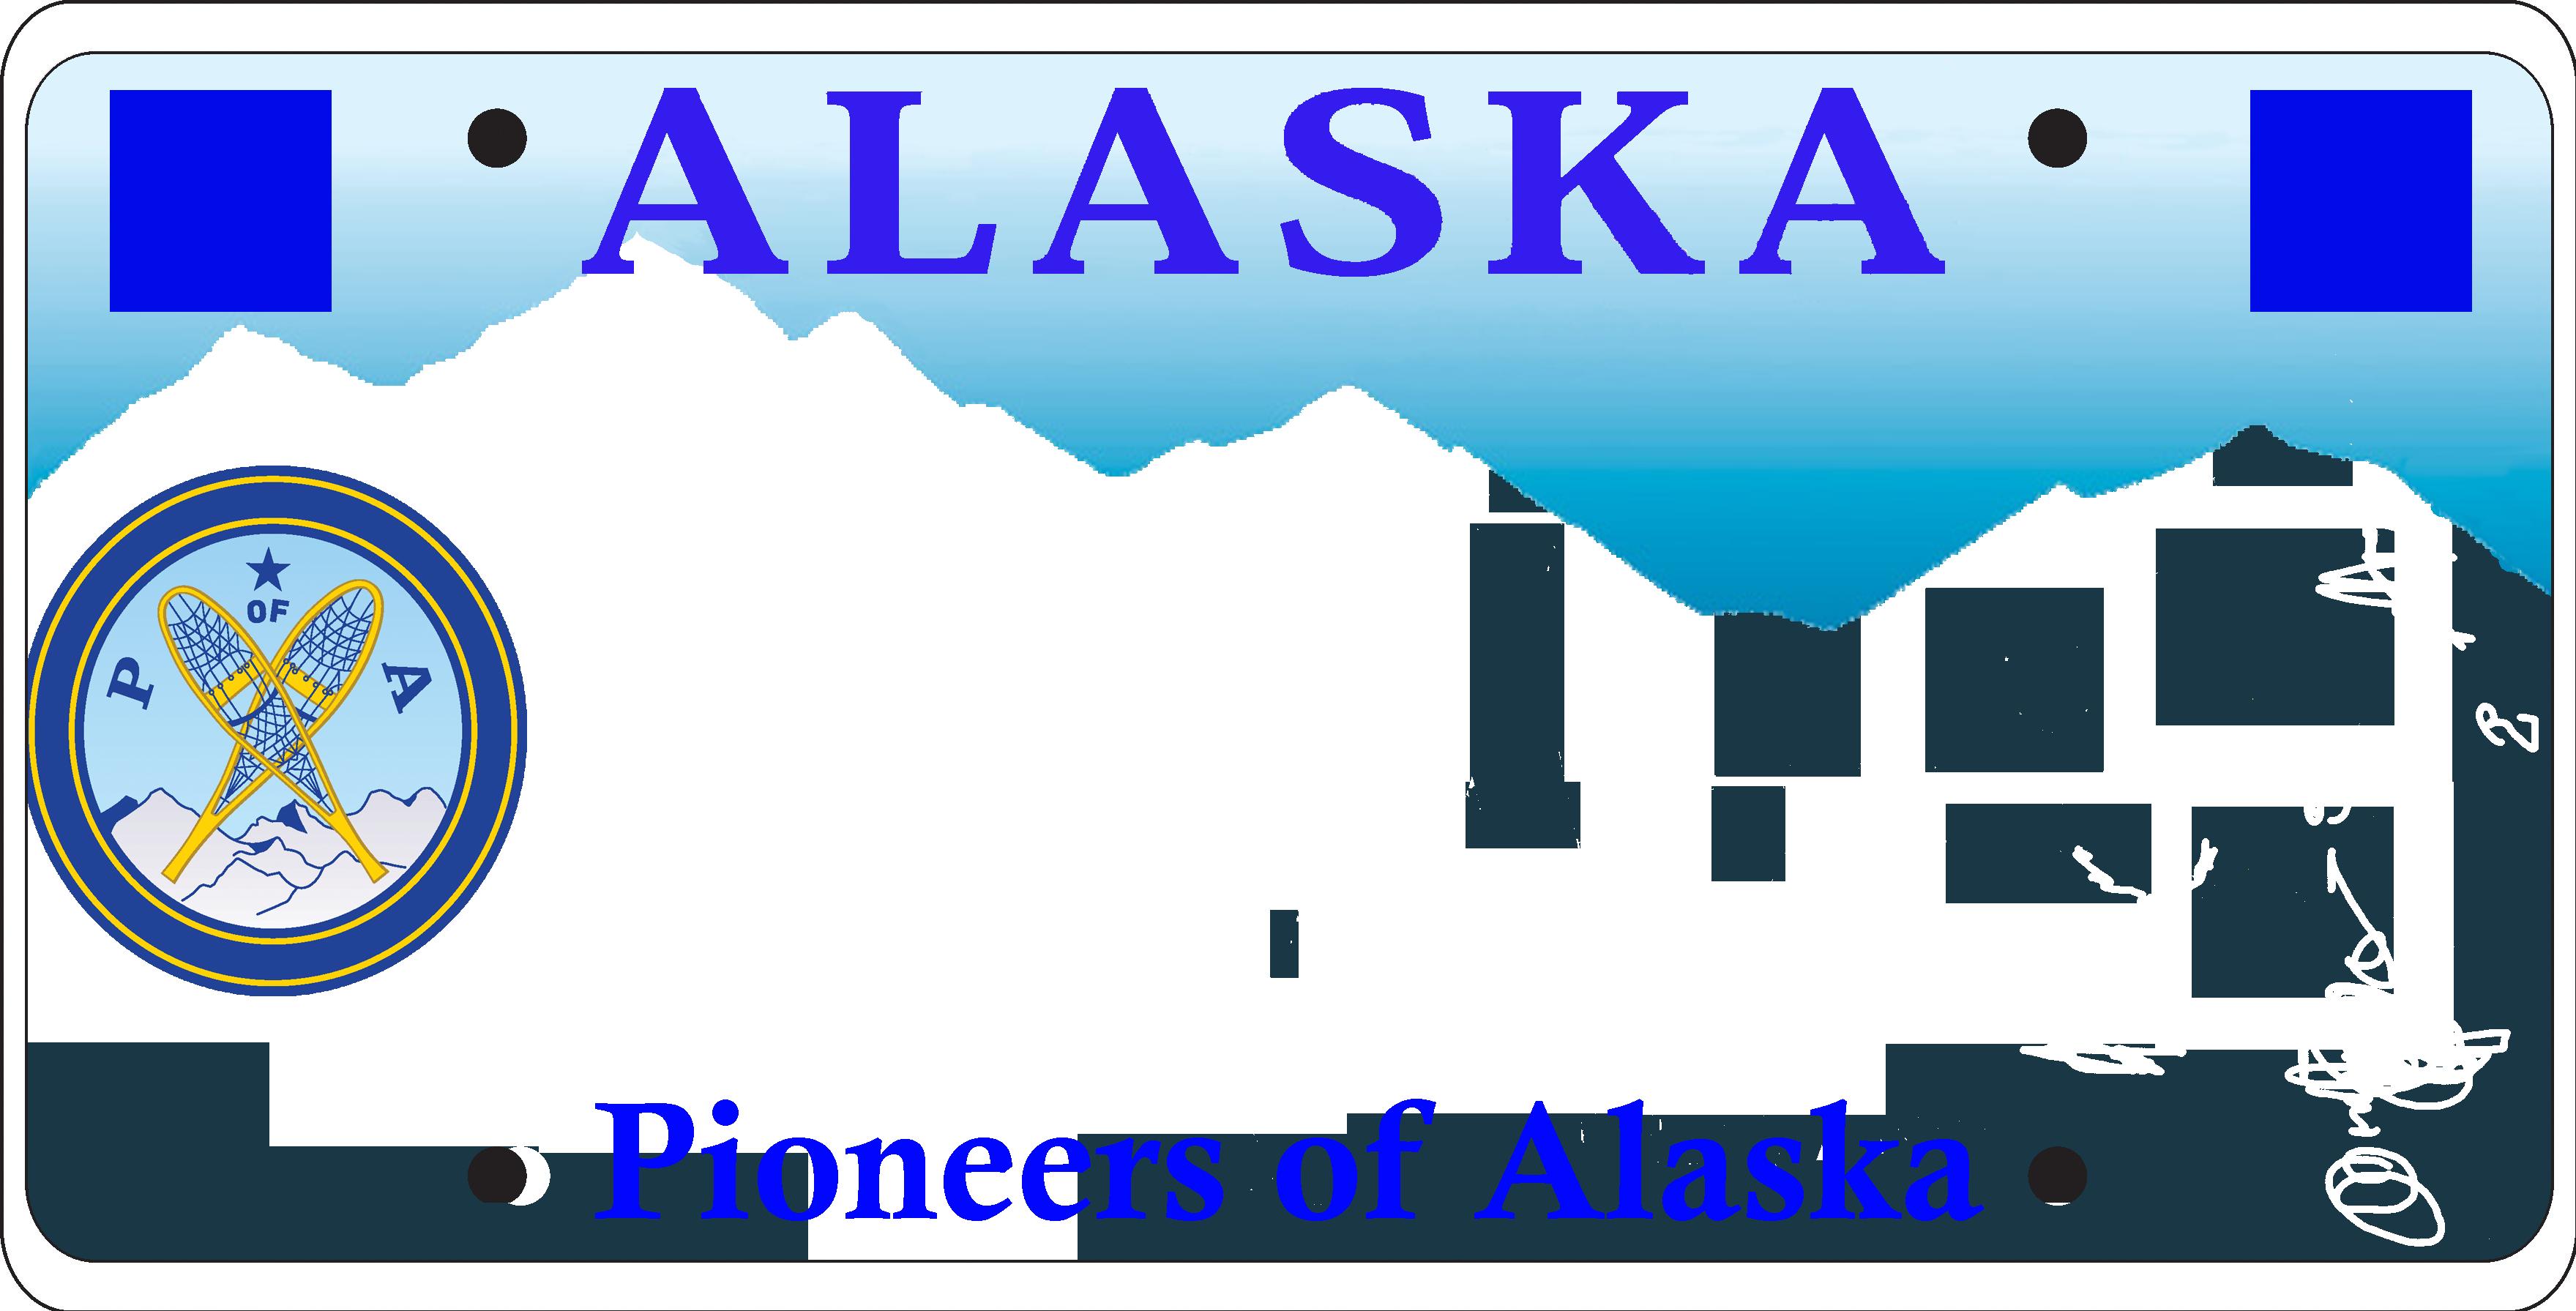 Pioneers of Alaska, $50, $0, Proof of Membership